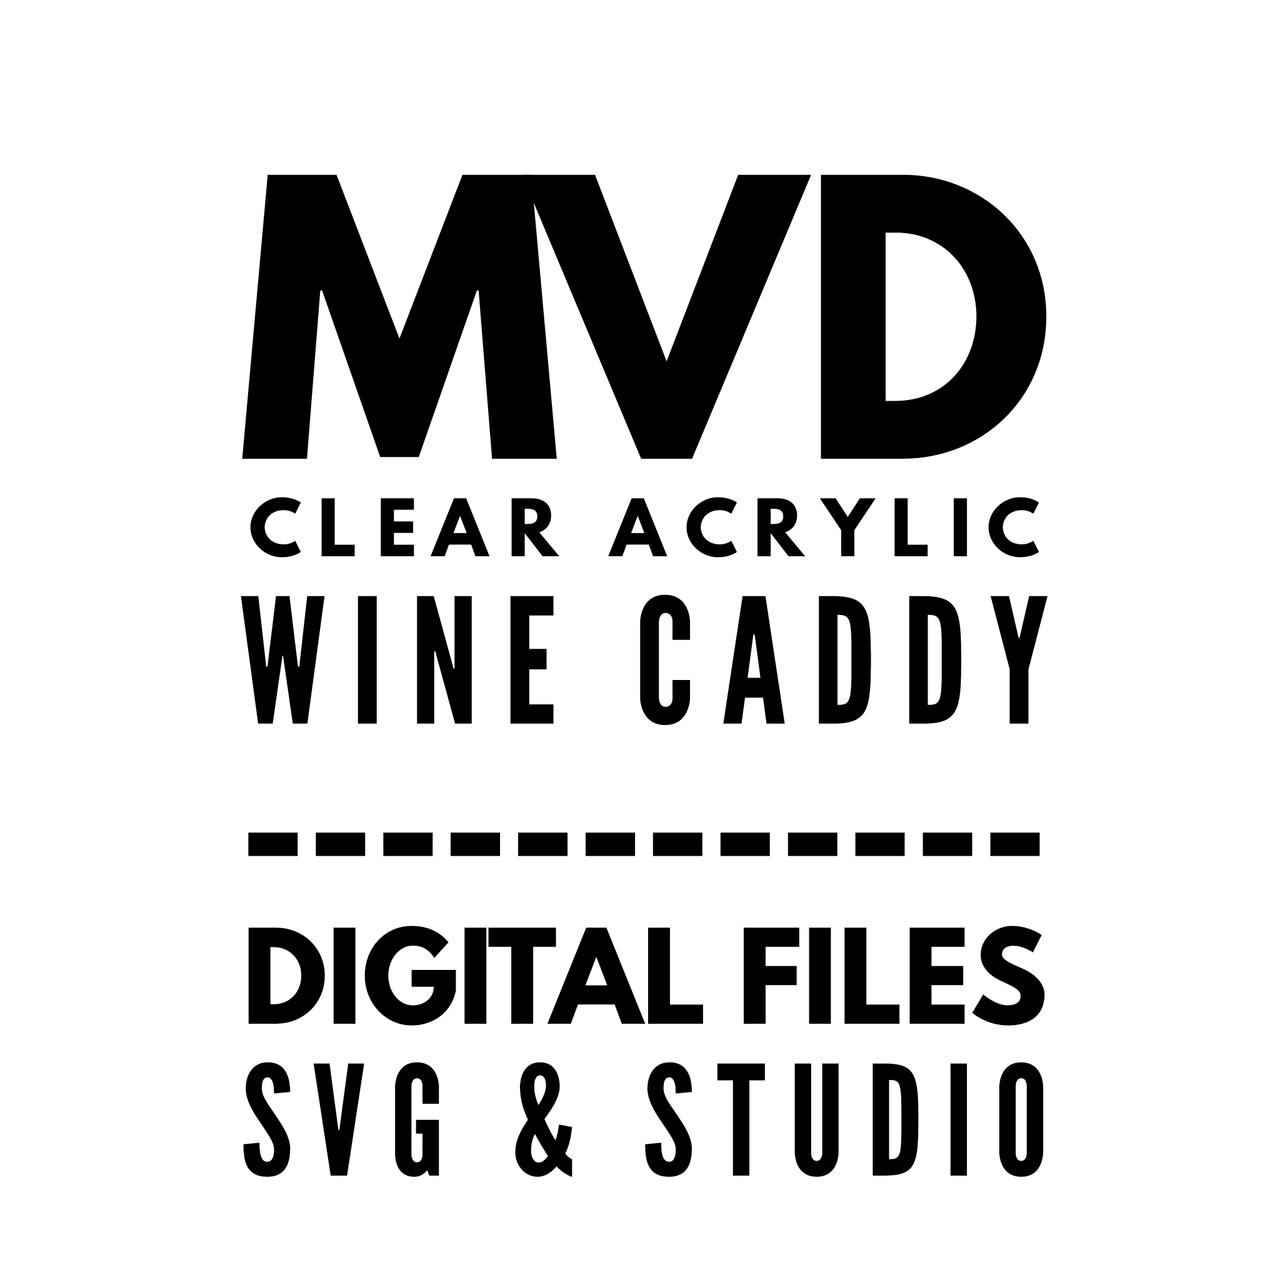 Mvd Clear Acrylic Wine Caddy Digital Files My Vinyl Direct